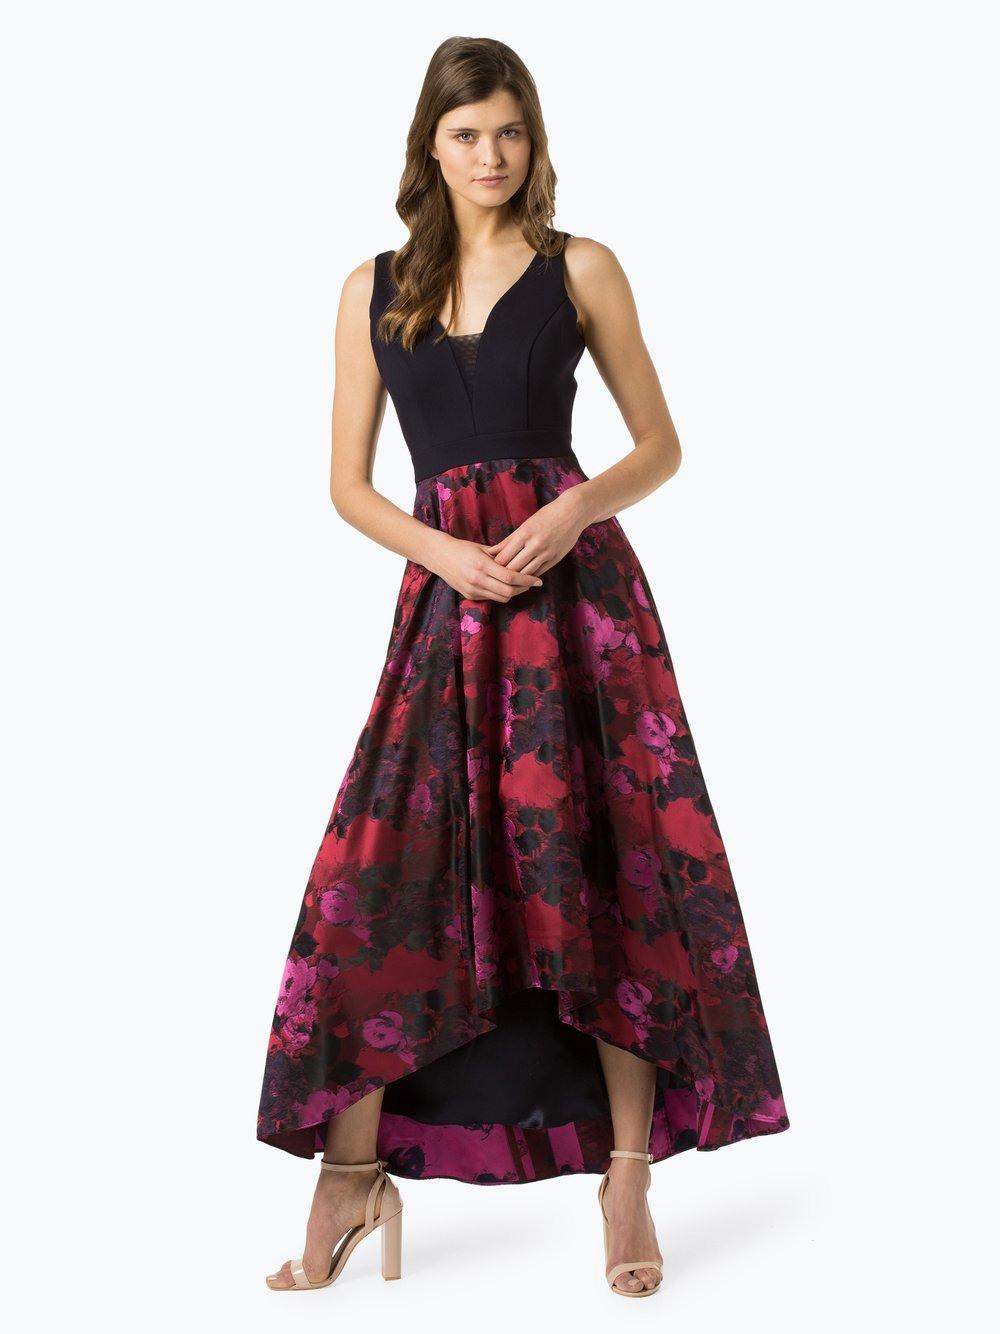 20 Luxus Abendkleider Cloppenburg Bester PreisFormal Spektakulär Abendkleider Cloppenburg Spezialgebiet